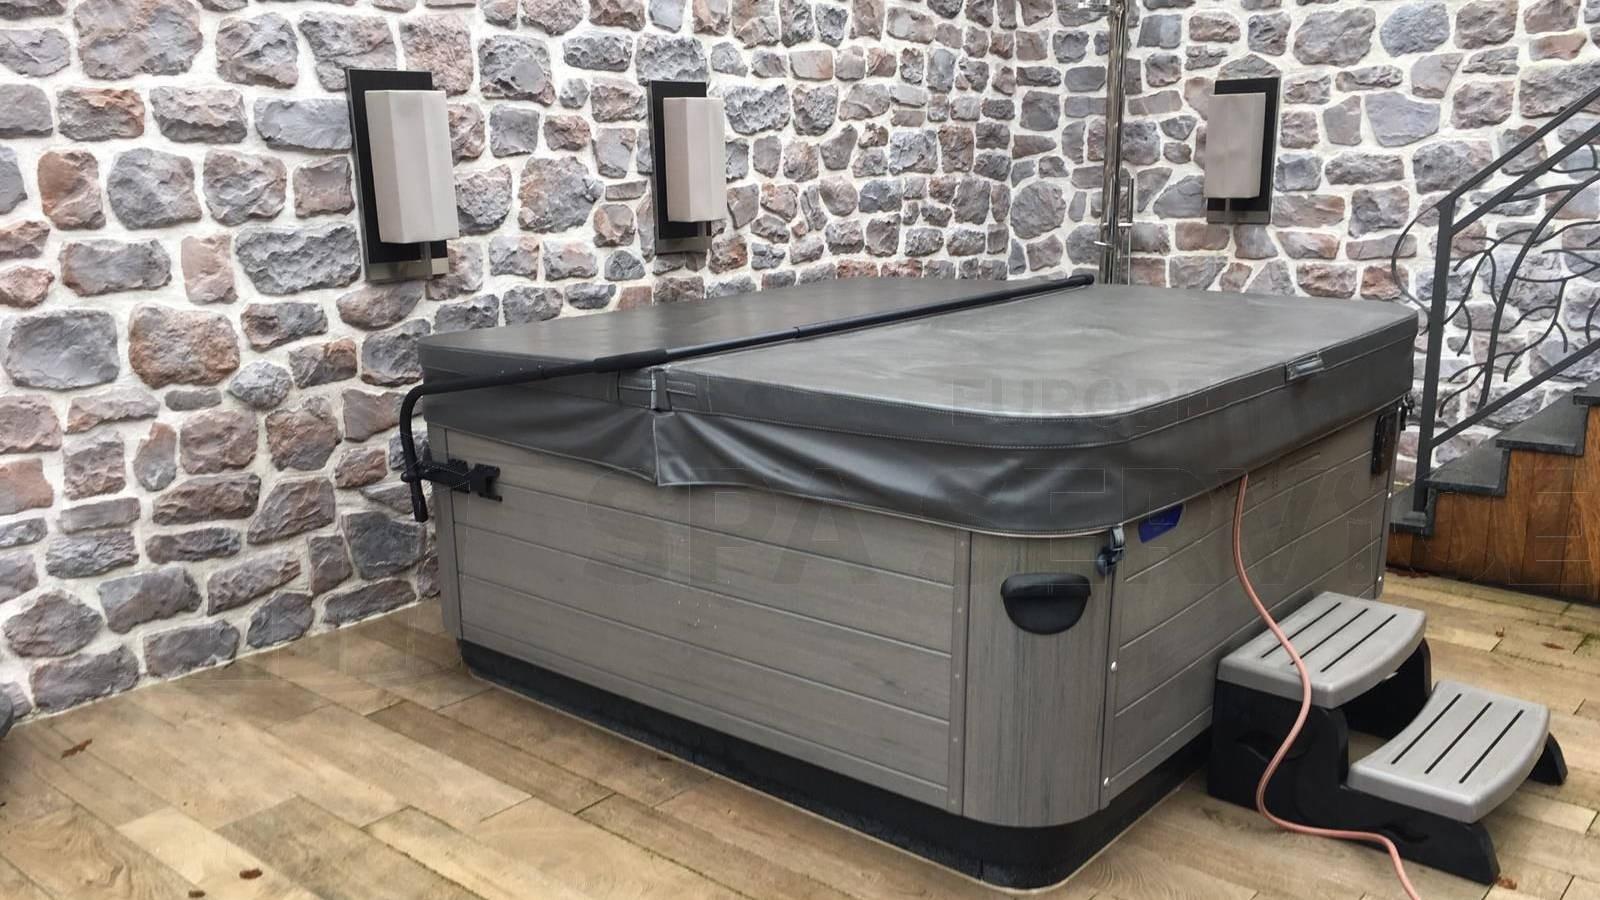 Schoonmaakbeurt van een Villeroy & Boch A7LE spa in Epe